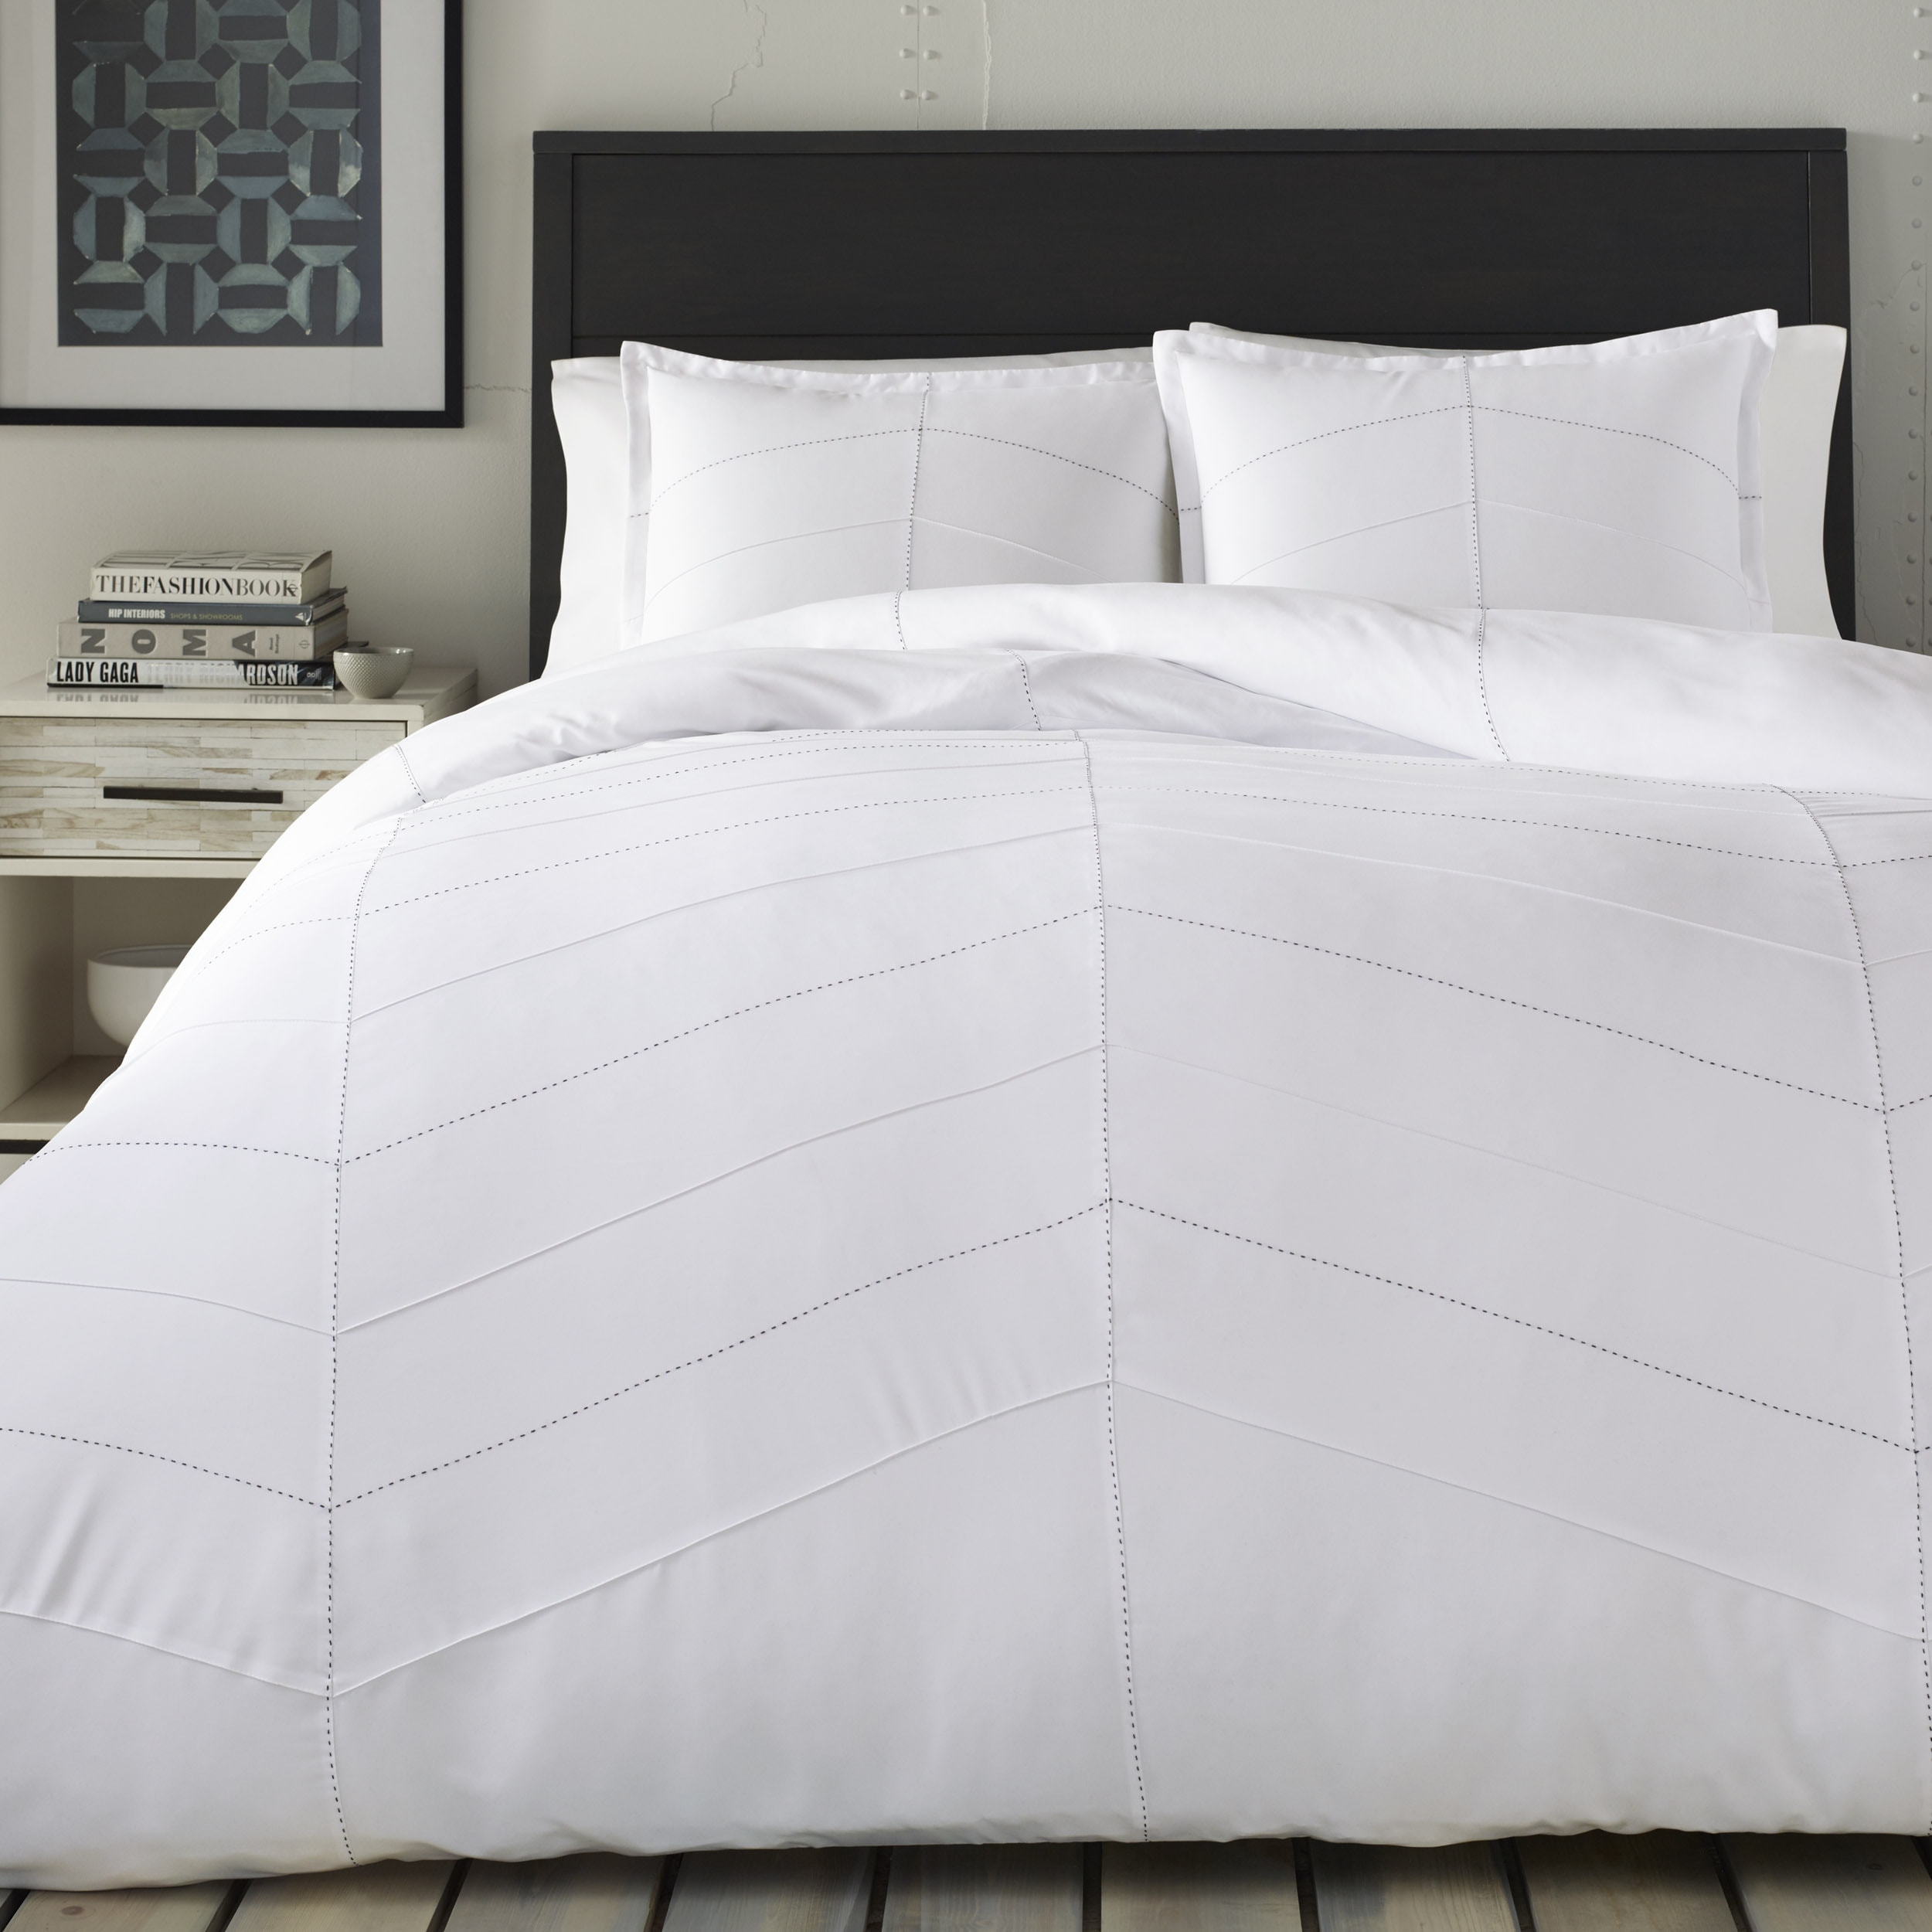 comforters bed print target bedroom comforter batman queen com sets room set size bedding essentials scallop overstock